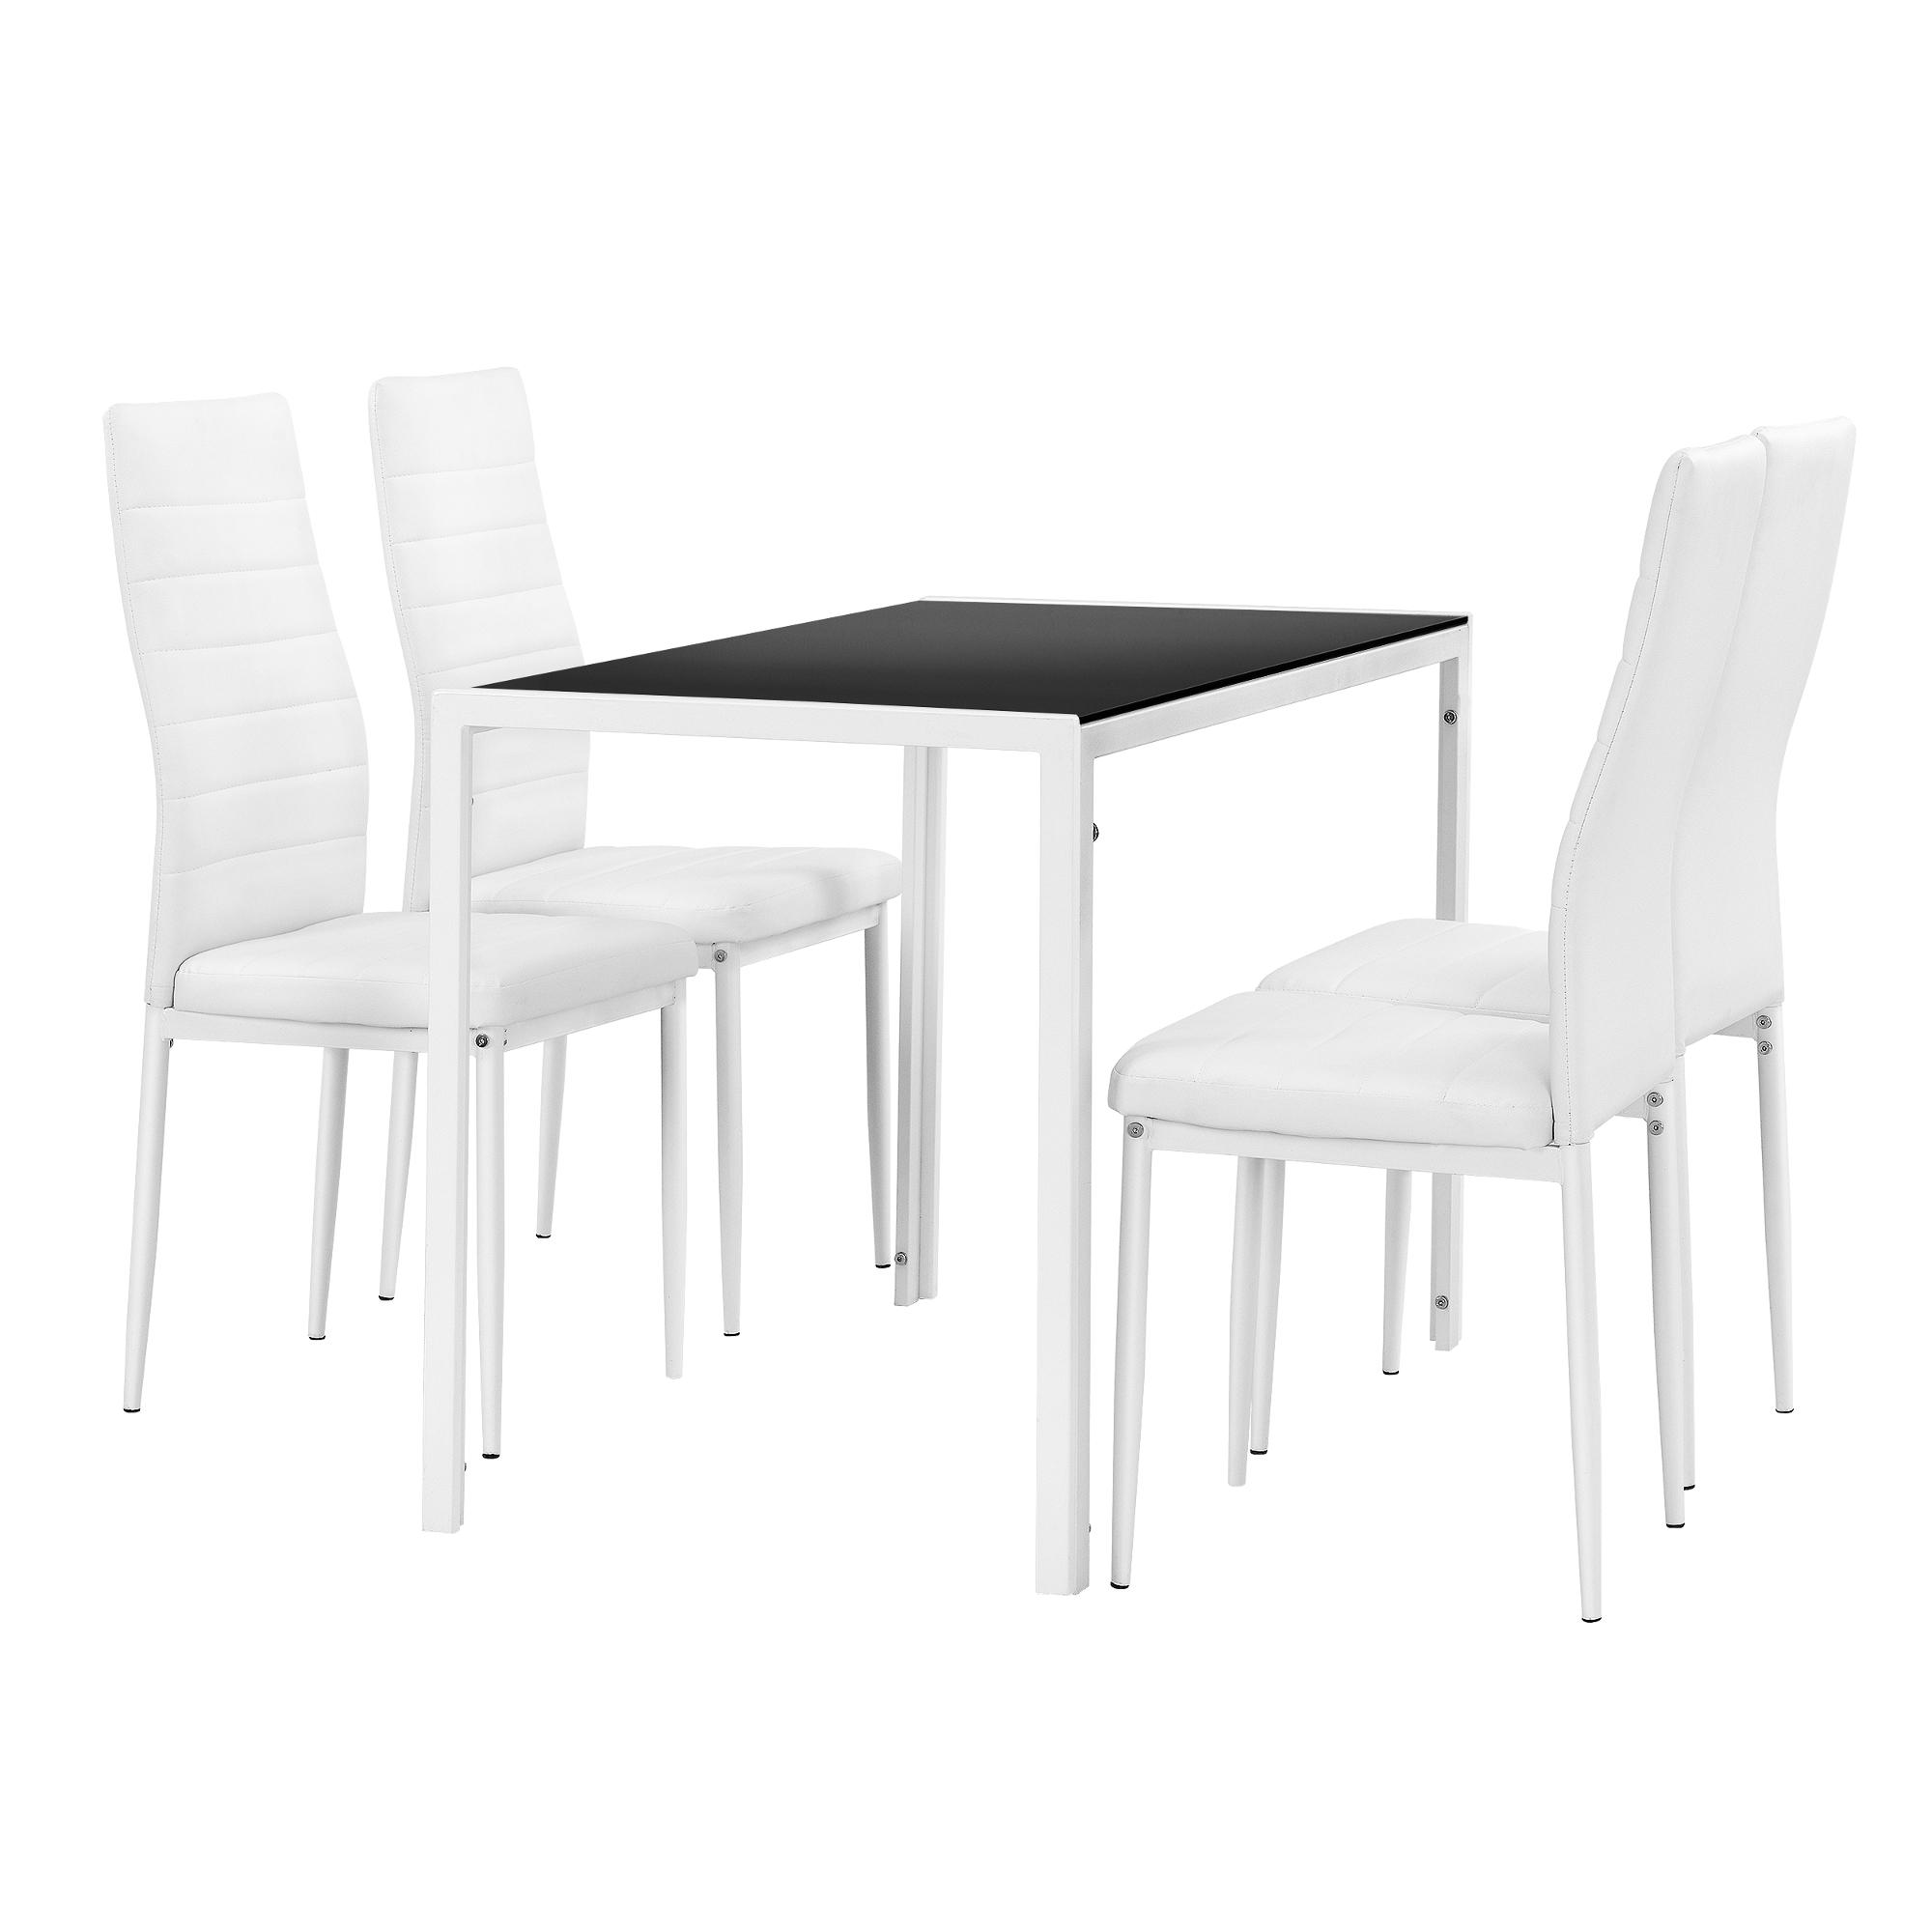 Tavolo da pranzo 4 sedie bianco nero tavolo for Tavolo pranzo altezza